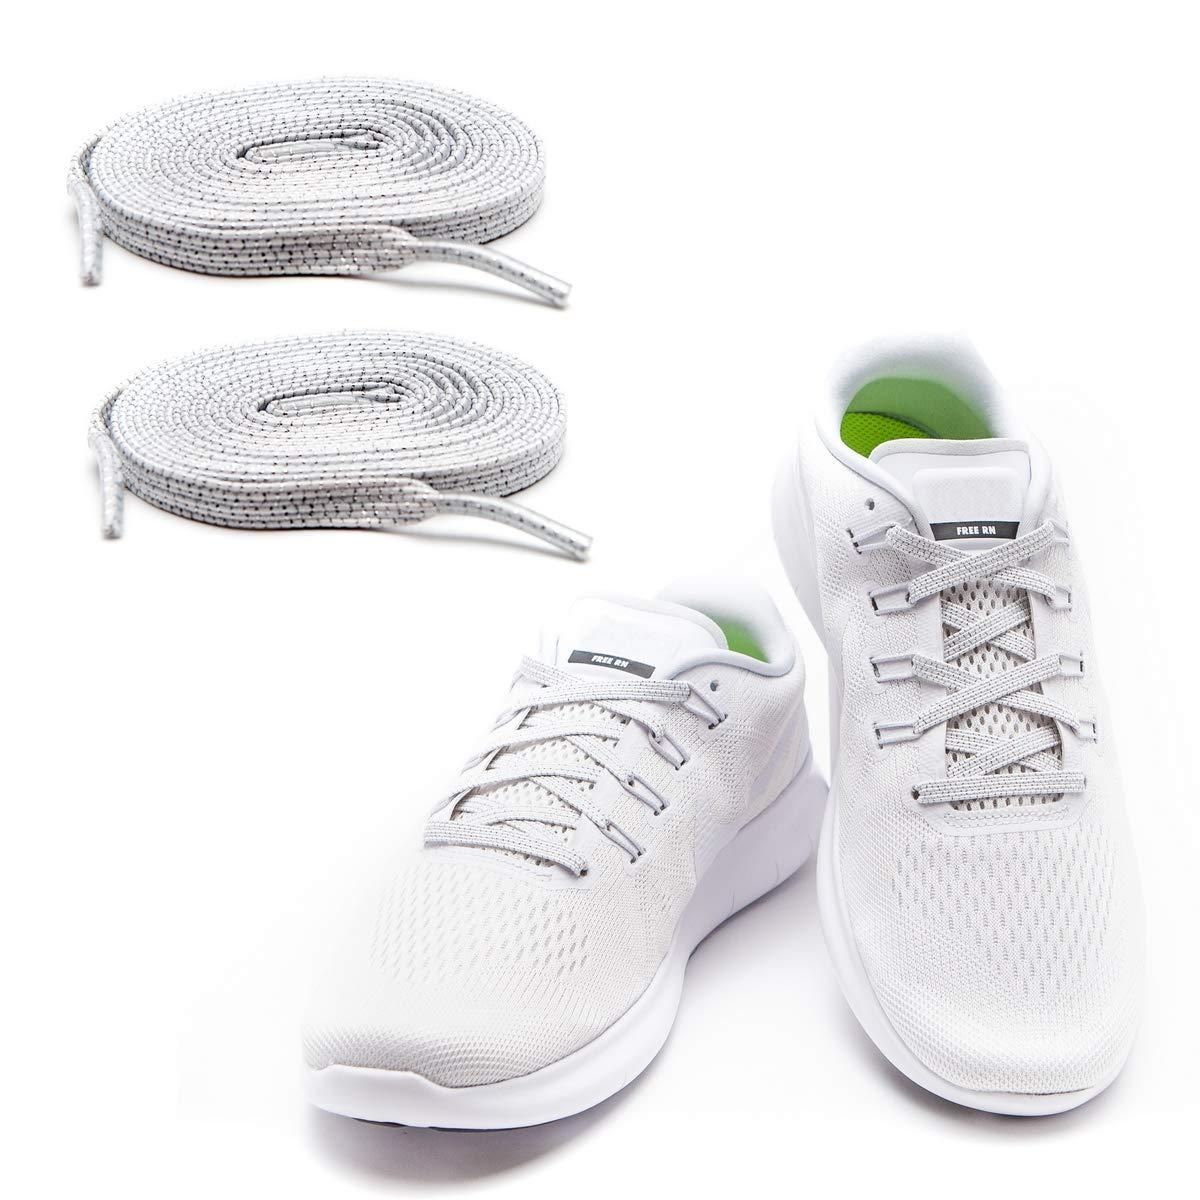 MAXXLACES - Cordones elásticos y planos, tensión ajustable para no tener que atar los zapatos, fáciles de usar, compatibles con todos los zapatos: ...